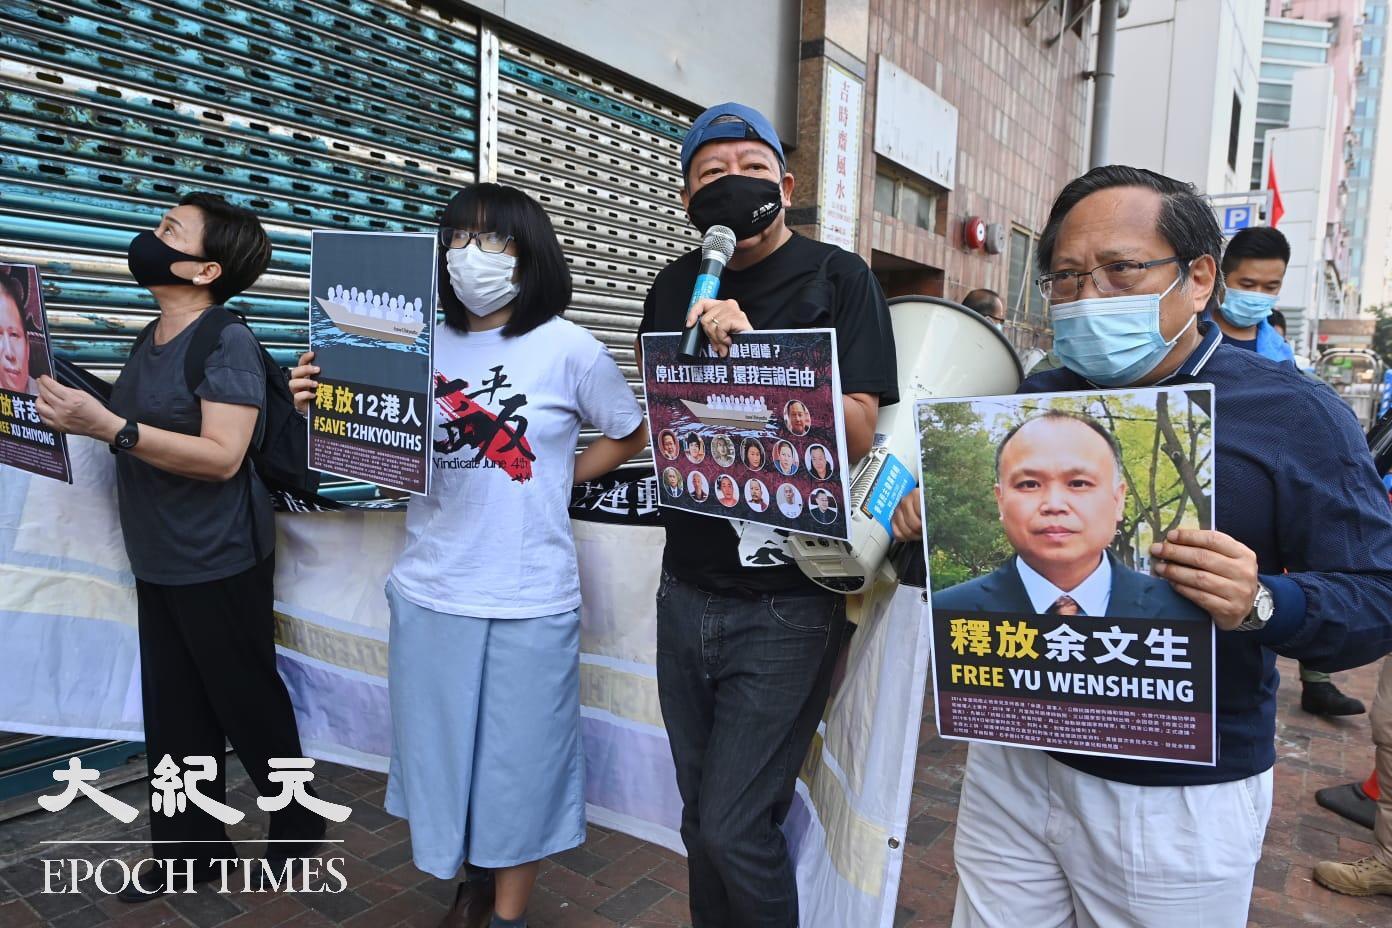 支聯會遊行至中聯辦,呼籲「停止打壓異見 還我言論自由」。(宋碧龍/大紀元)